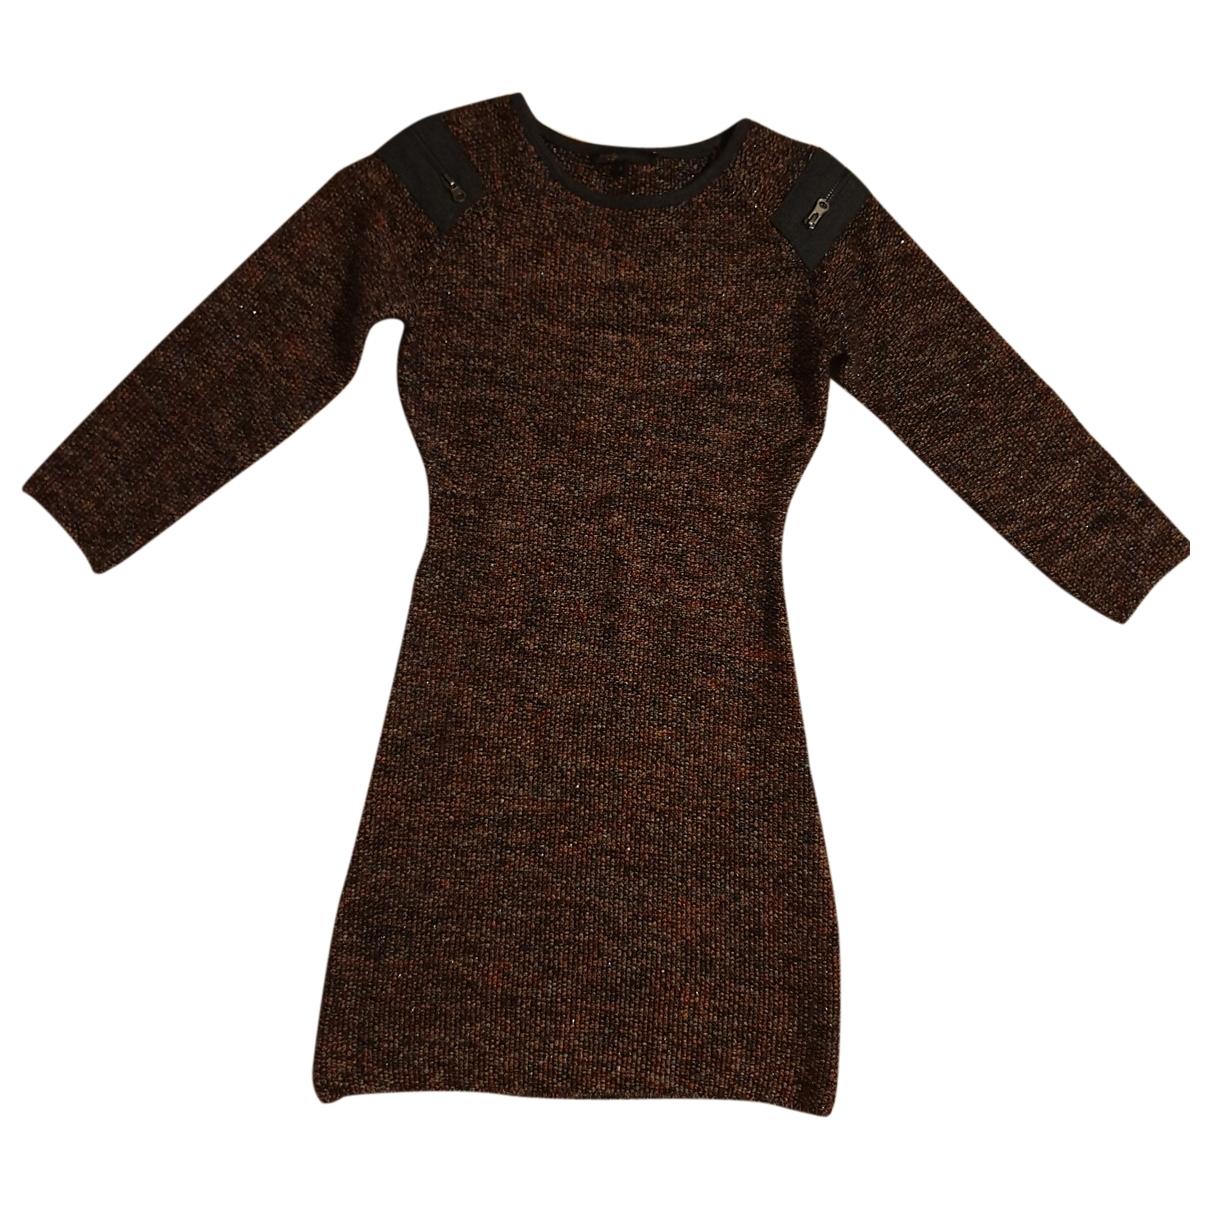 Maje - Robe Fall Winter 2019 pour femme en laine - bordeaux